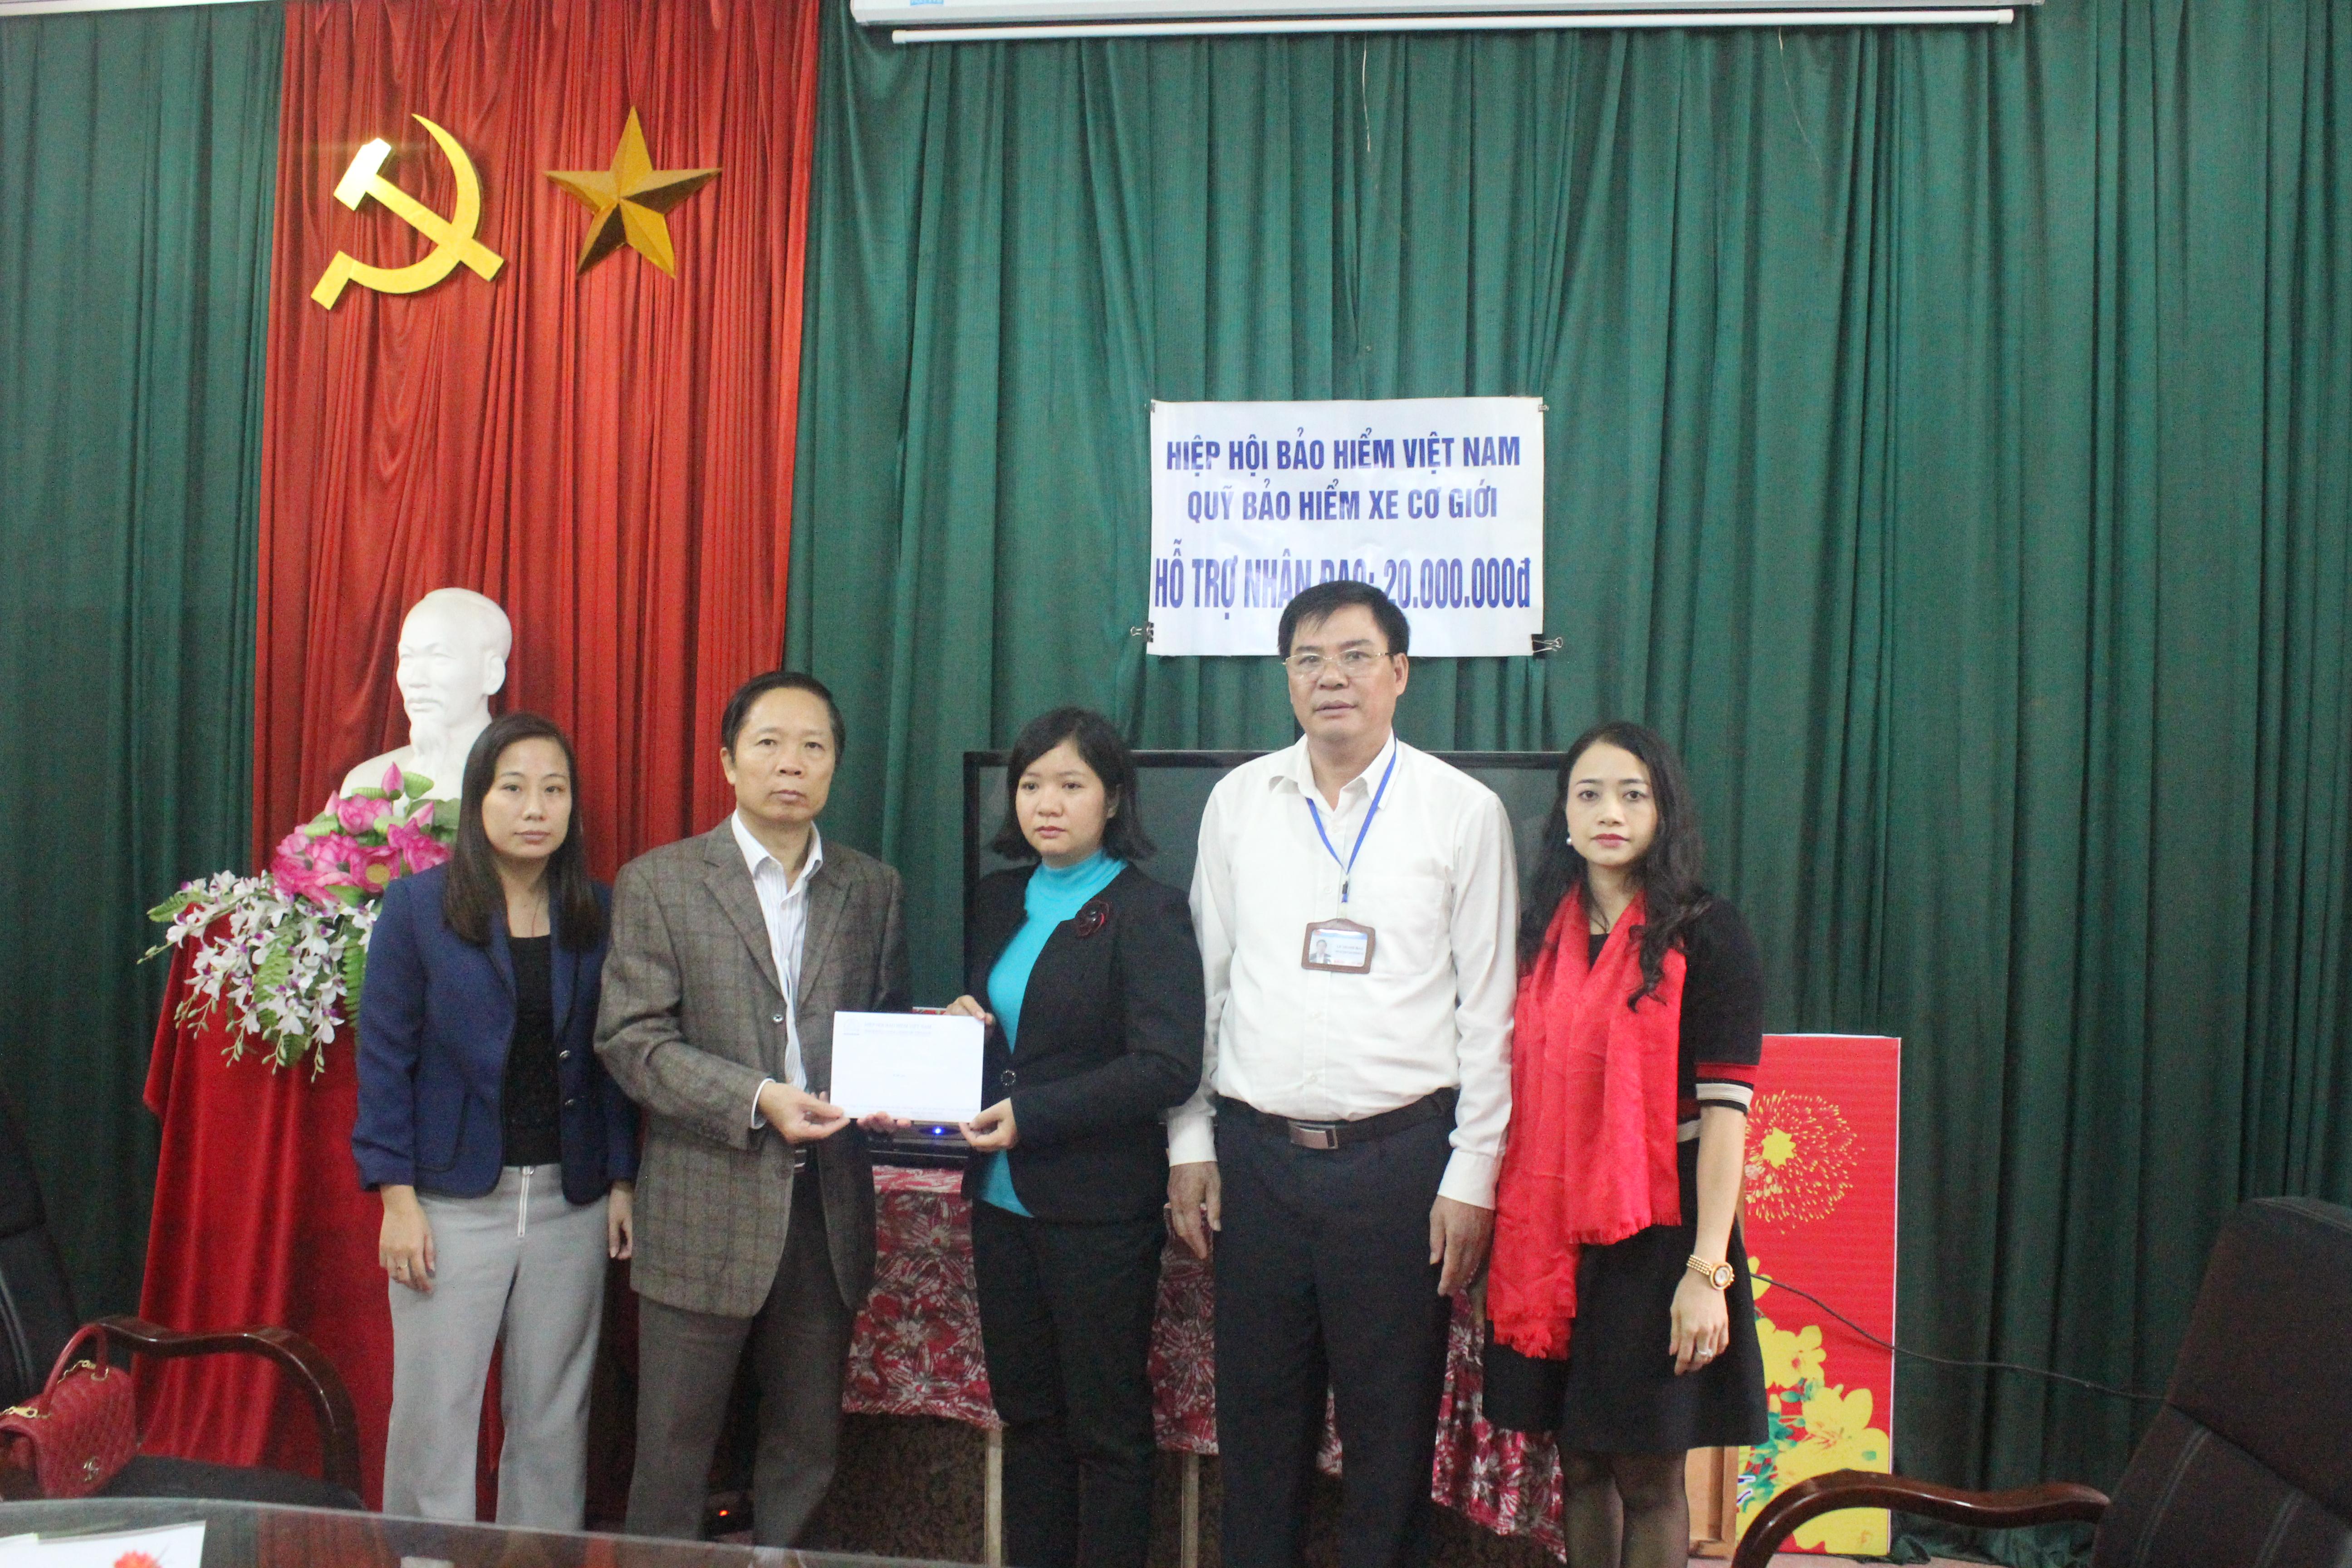 Quỹ Bảo hiểm xe cơ giới hỗ trợ nhân đạo cho nạn nhân  tử vong do tai nạn giao thông tại xã Trưng Trắc – Văn Lâm – Hưng Yên